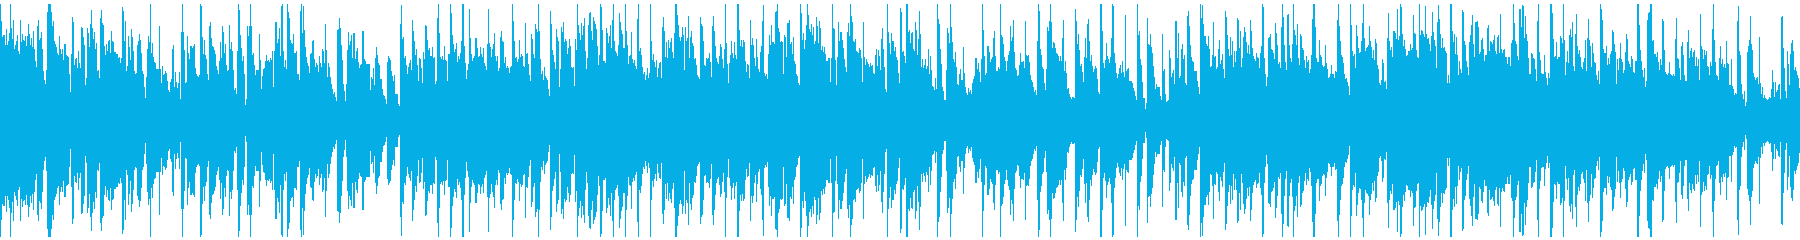 ソプラノサックス、クラブジャズ※ループ版の再生済みの波形